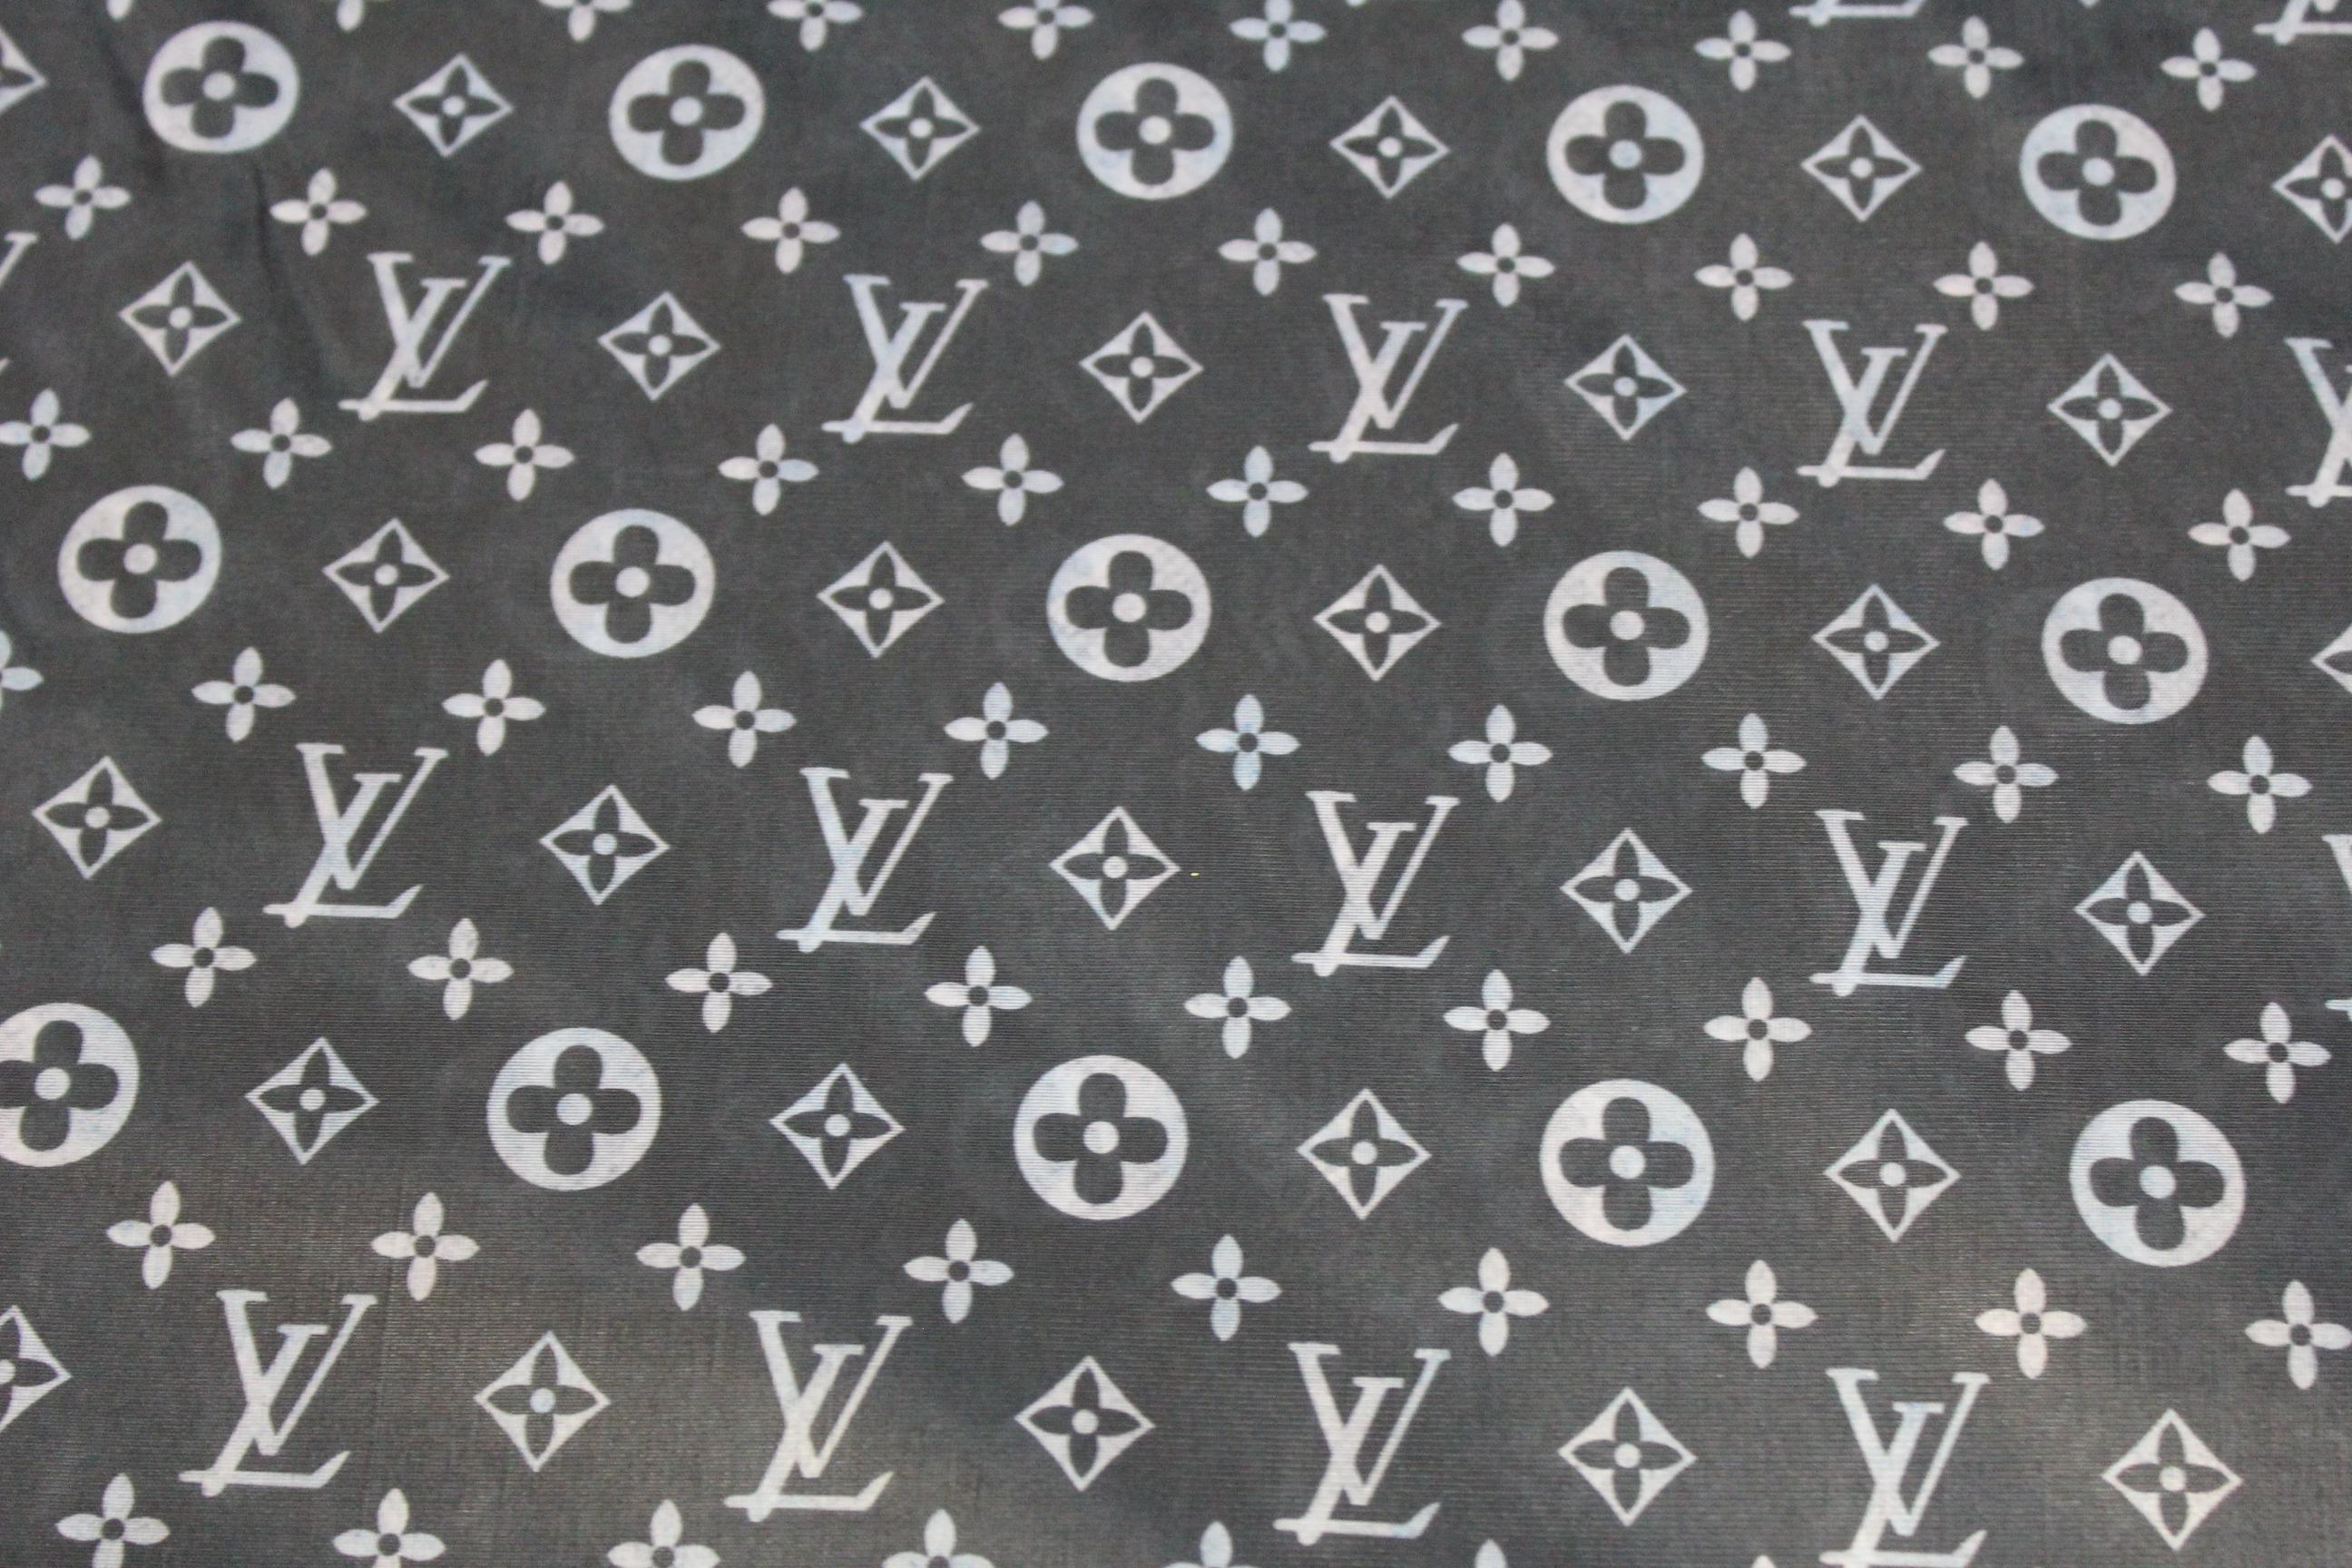 b8244f90351c Подкладочная ткань, принт Louis Vuitton, Арт.13838/15 купить в ...